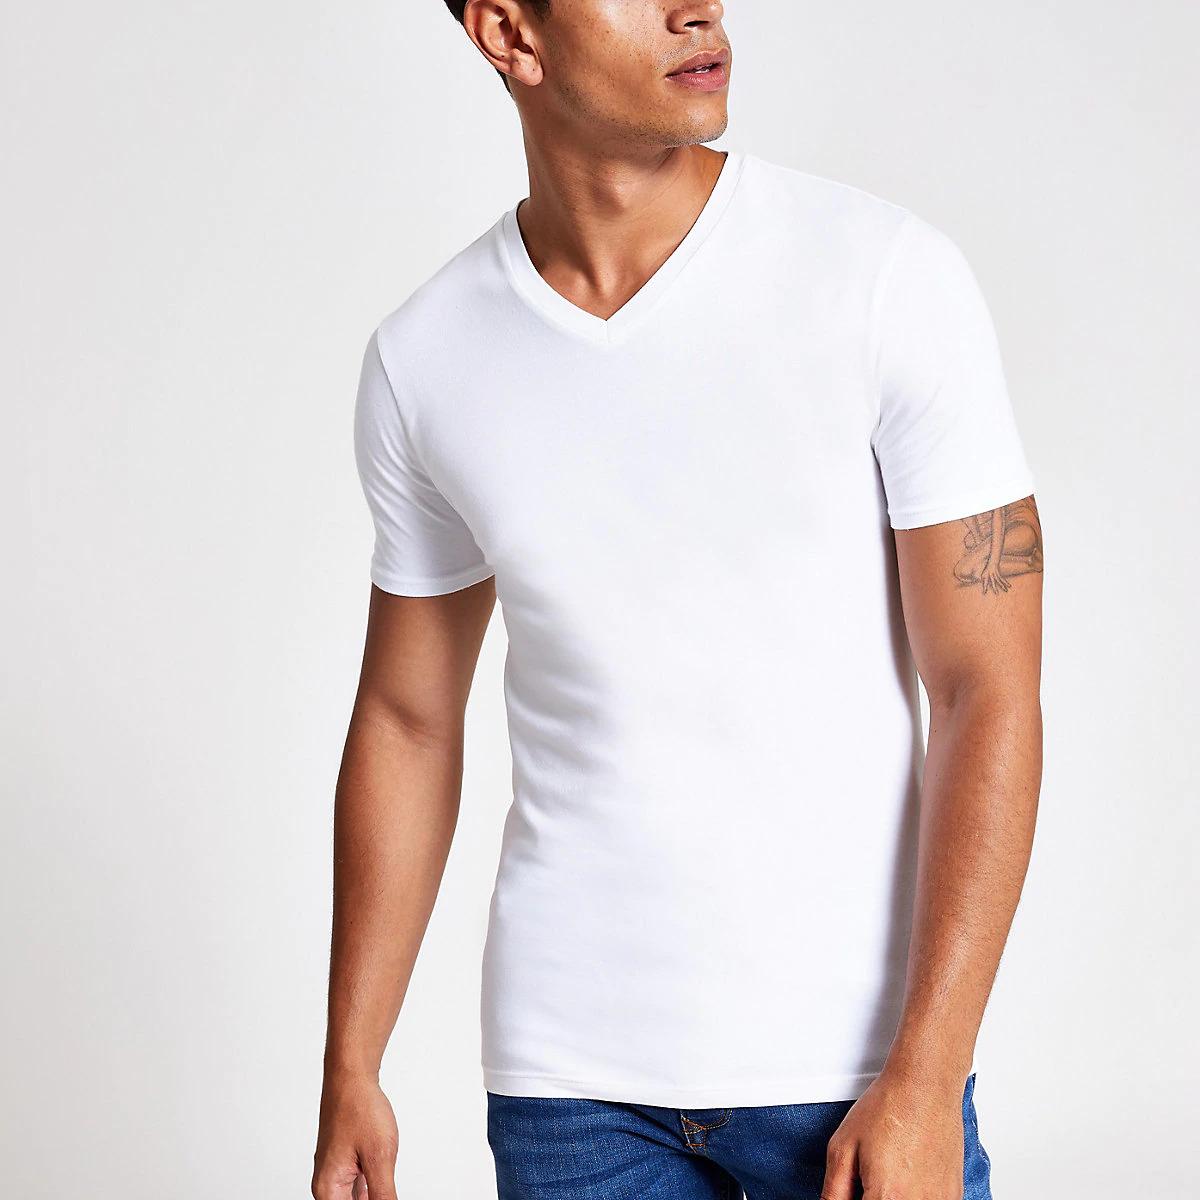 Мужская футболка с V-образным вырезом фото